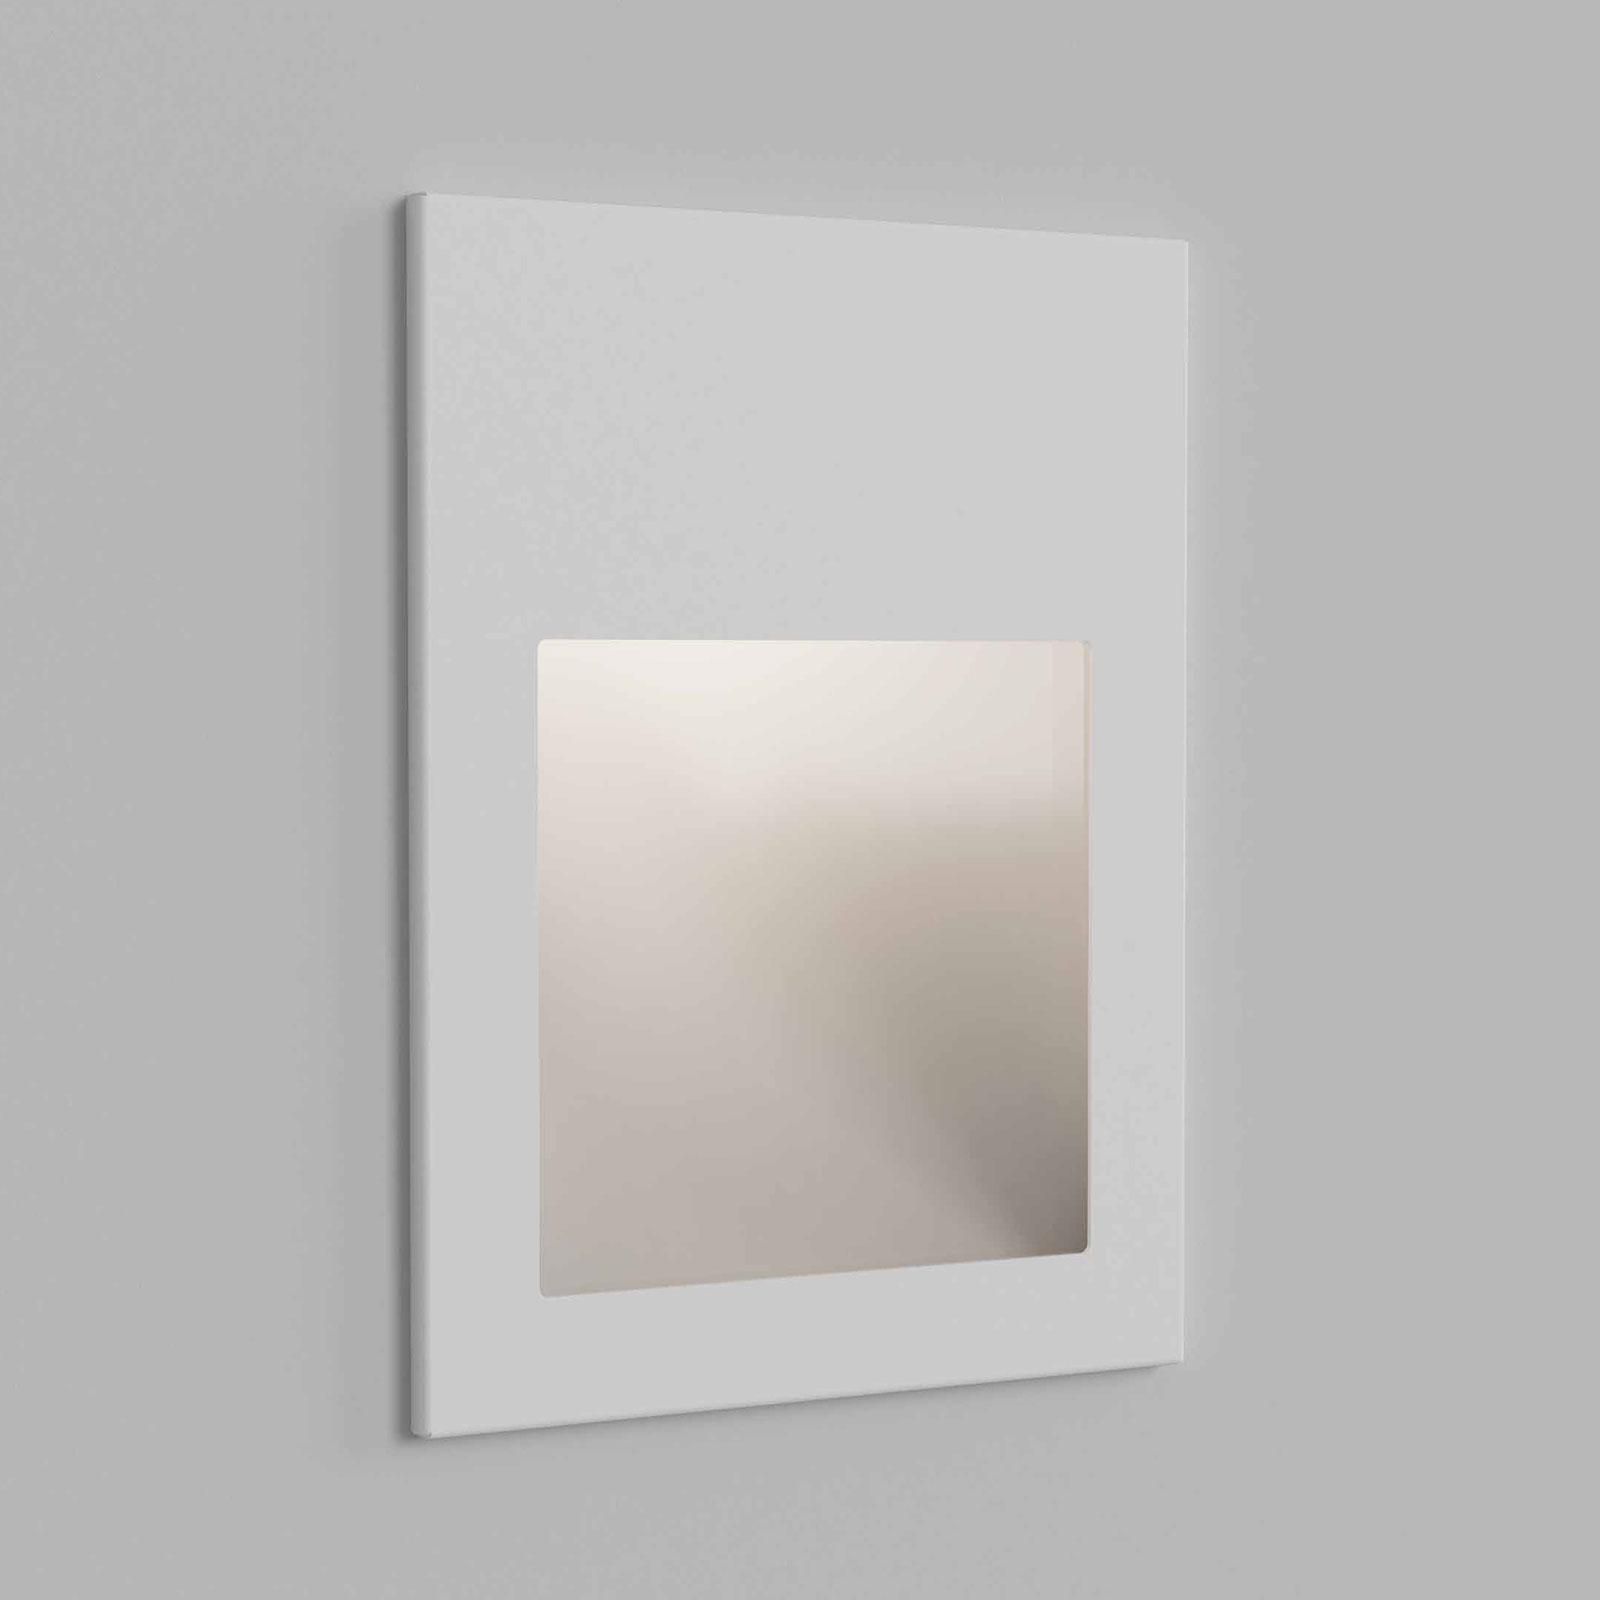 Astro Borgo 90 Wandeinbauleuchte weiß textur